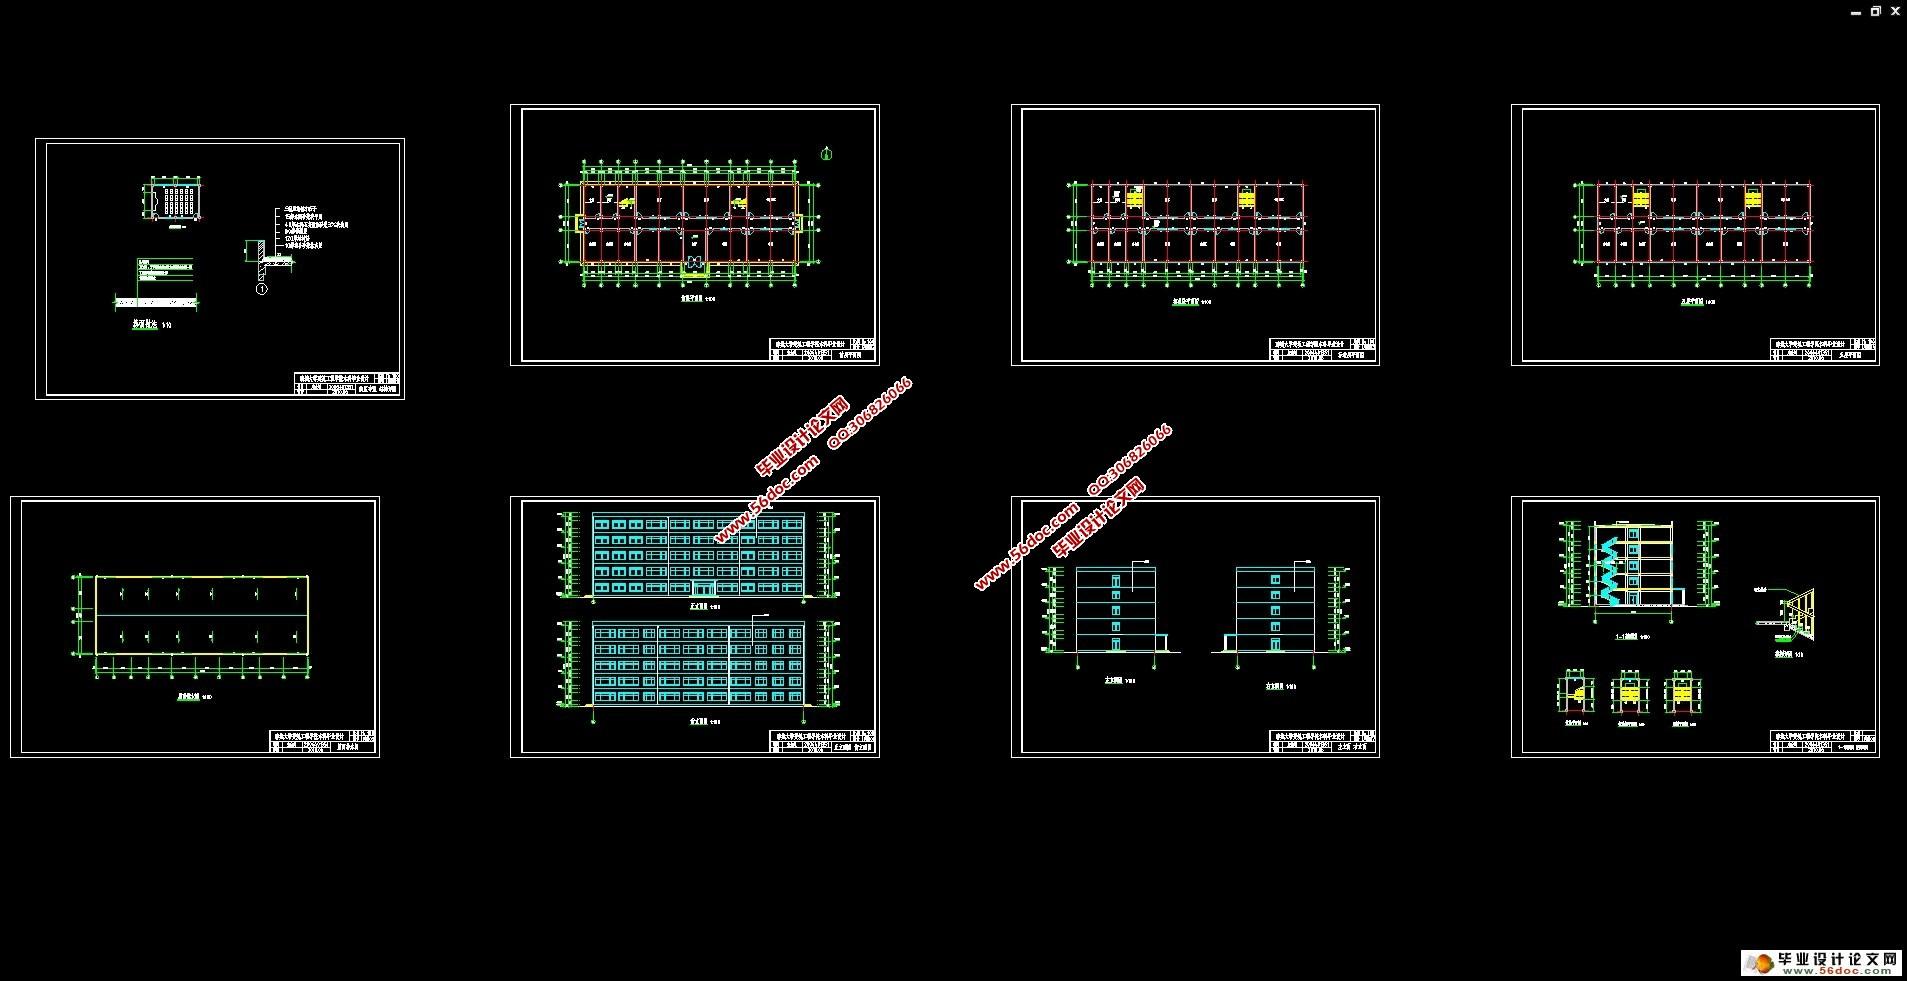 五层4340平米中学教学楼框架结构设计(建筑图,结构图)